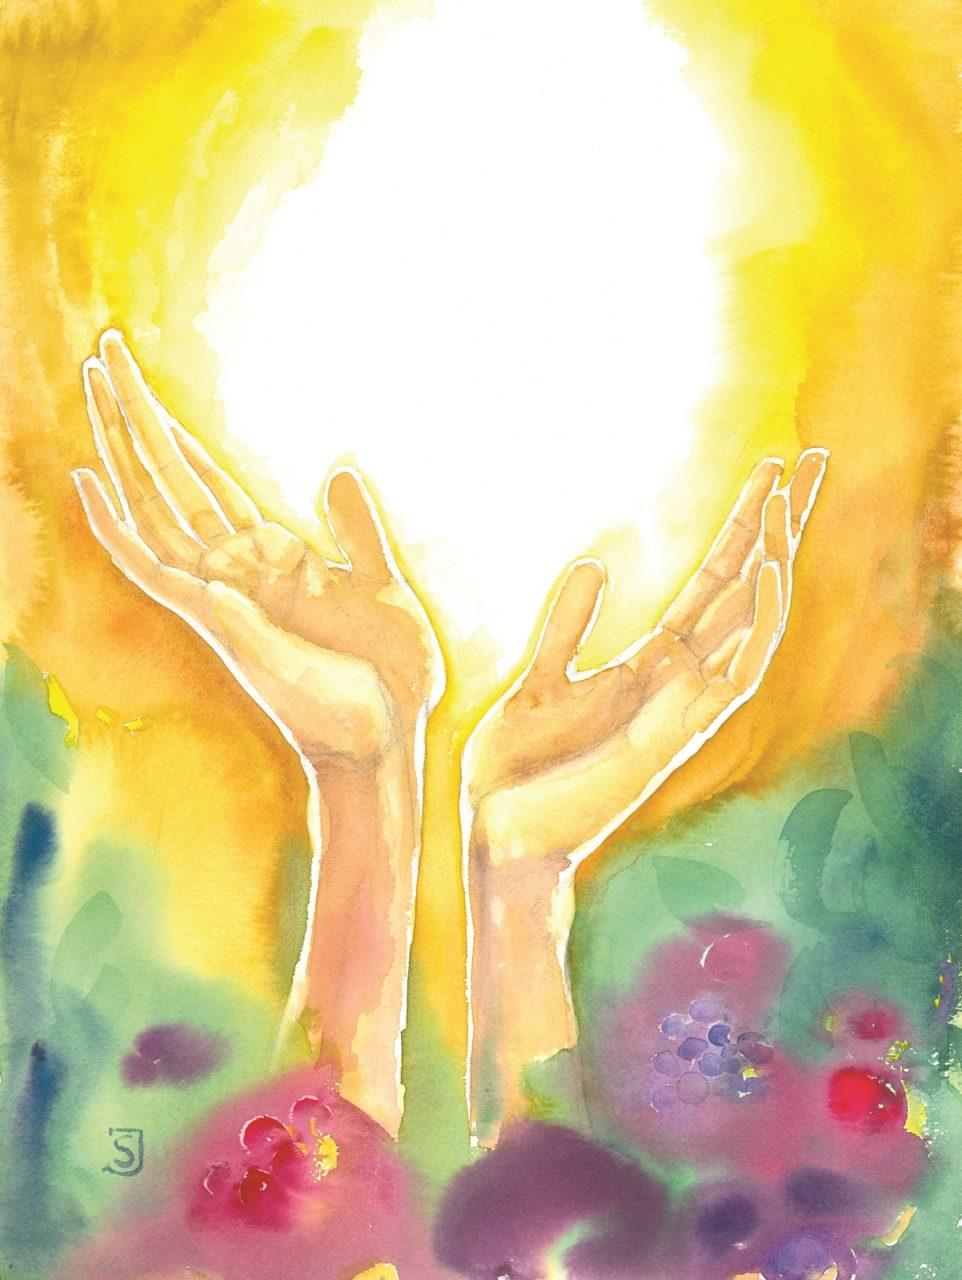 Hände im Licht